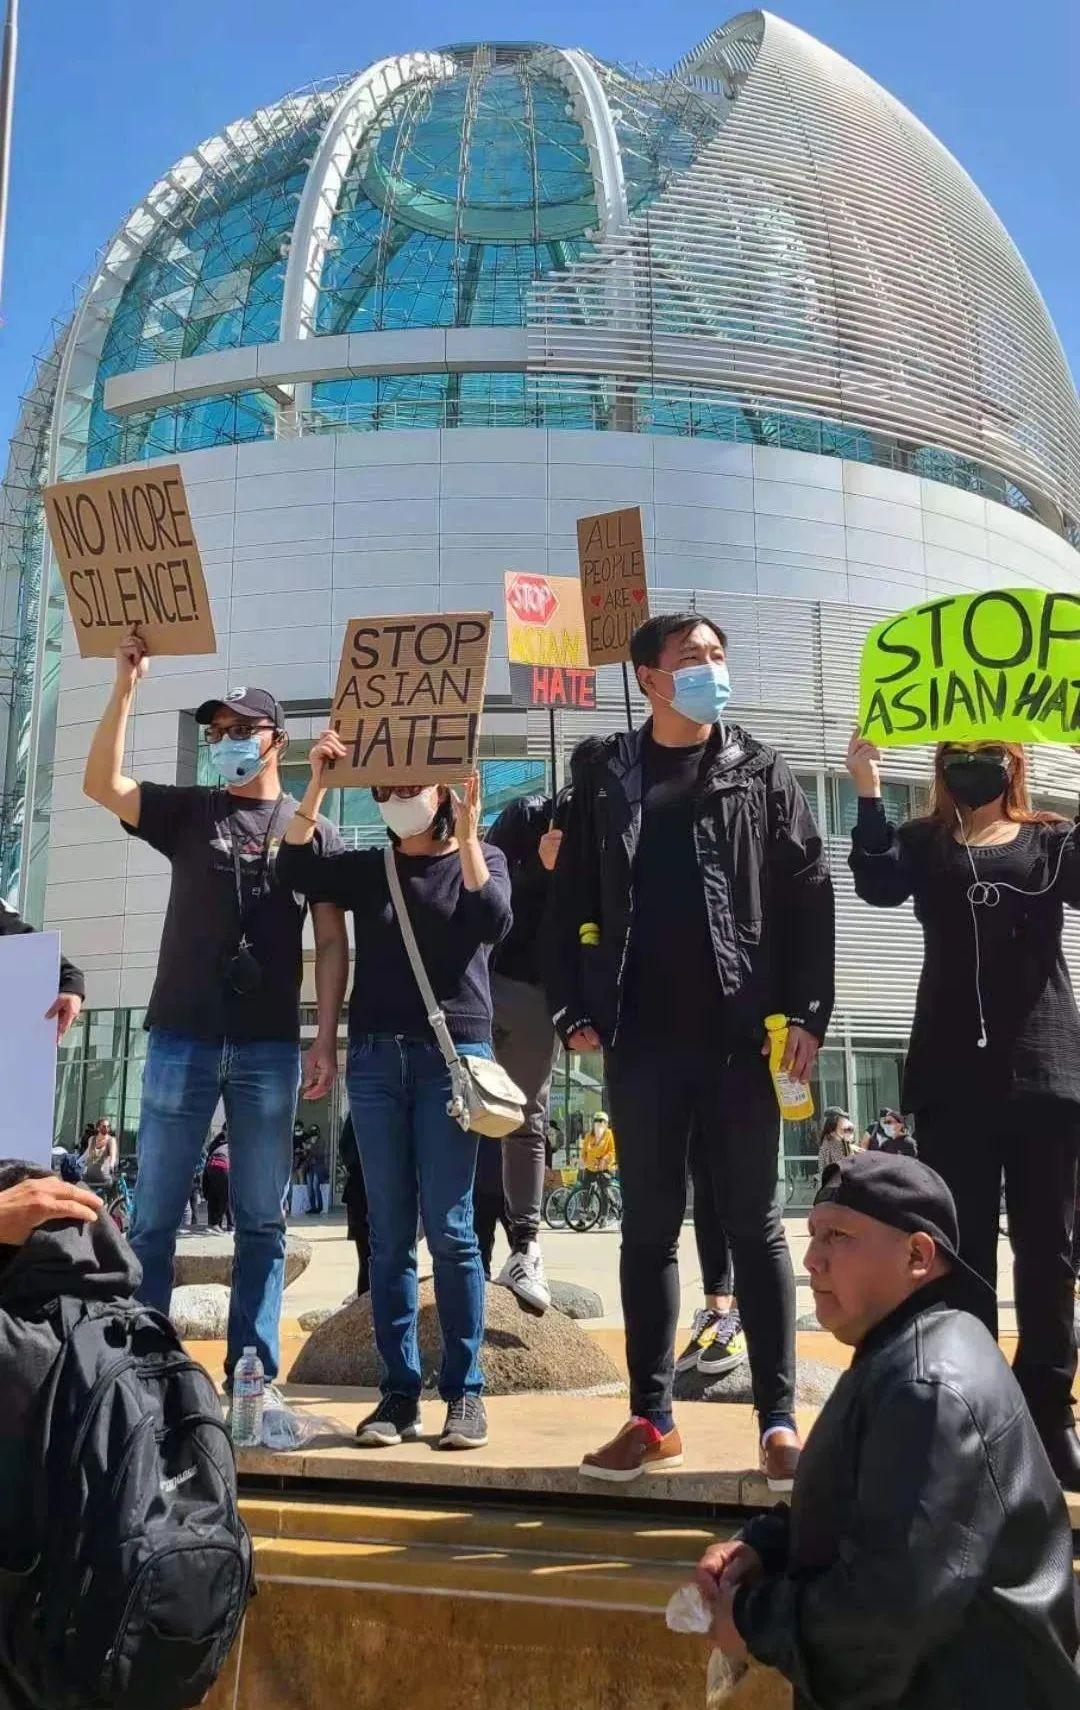 支持亚裔,反对仇恨!全美各地大集会 (图片+视频)